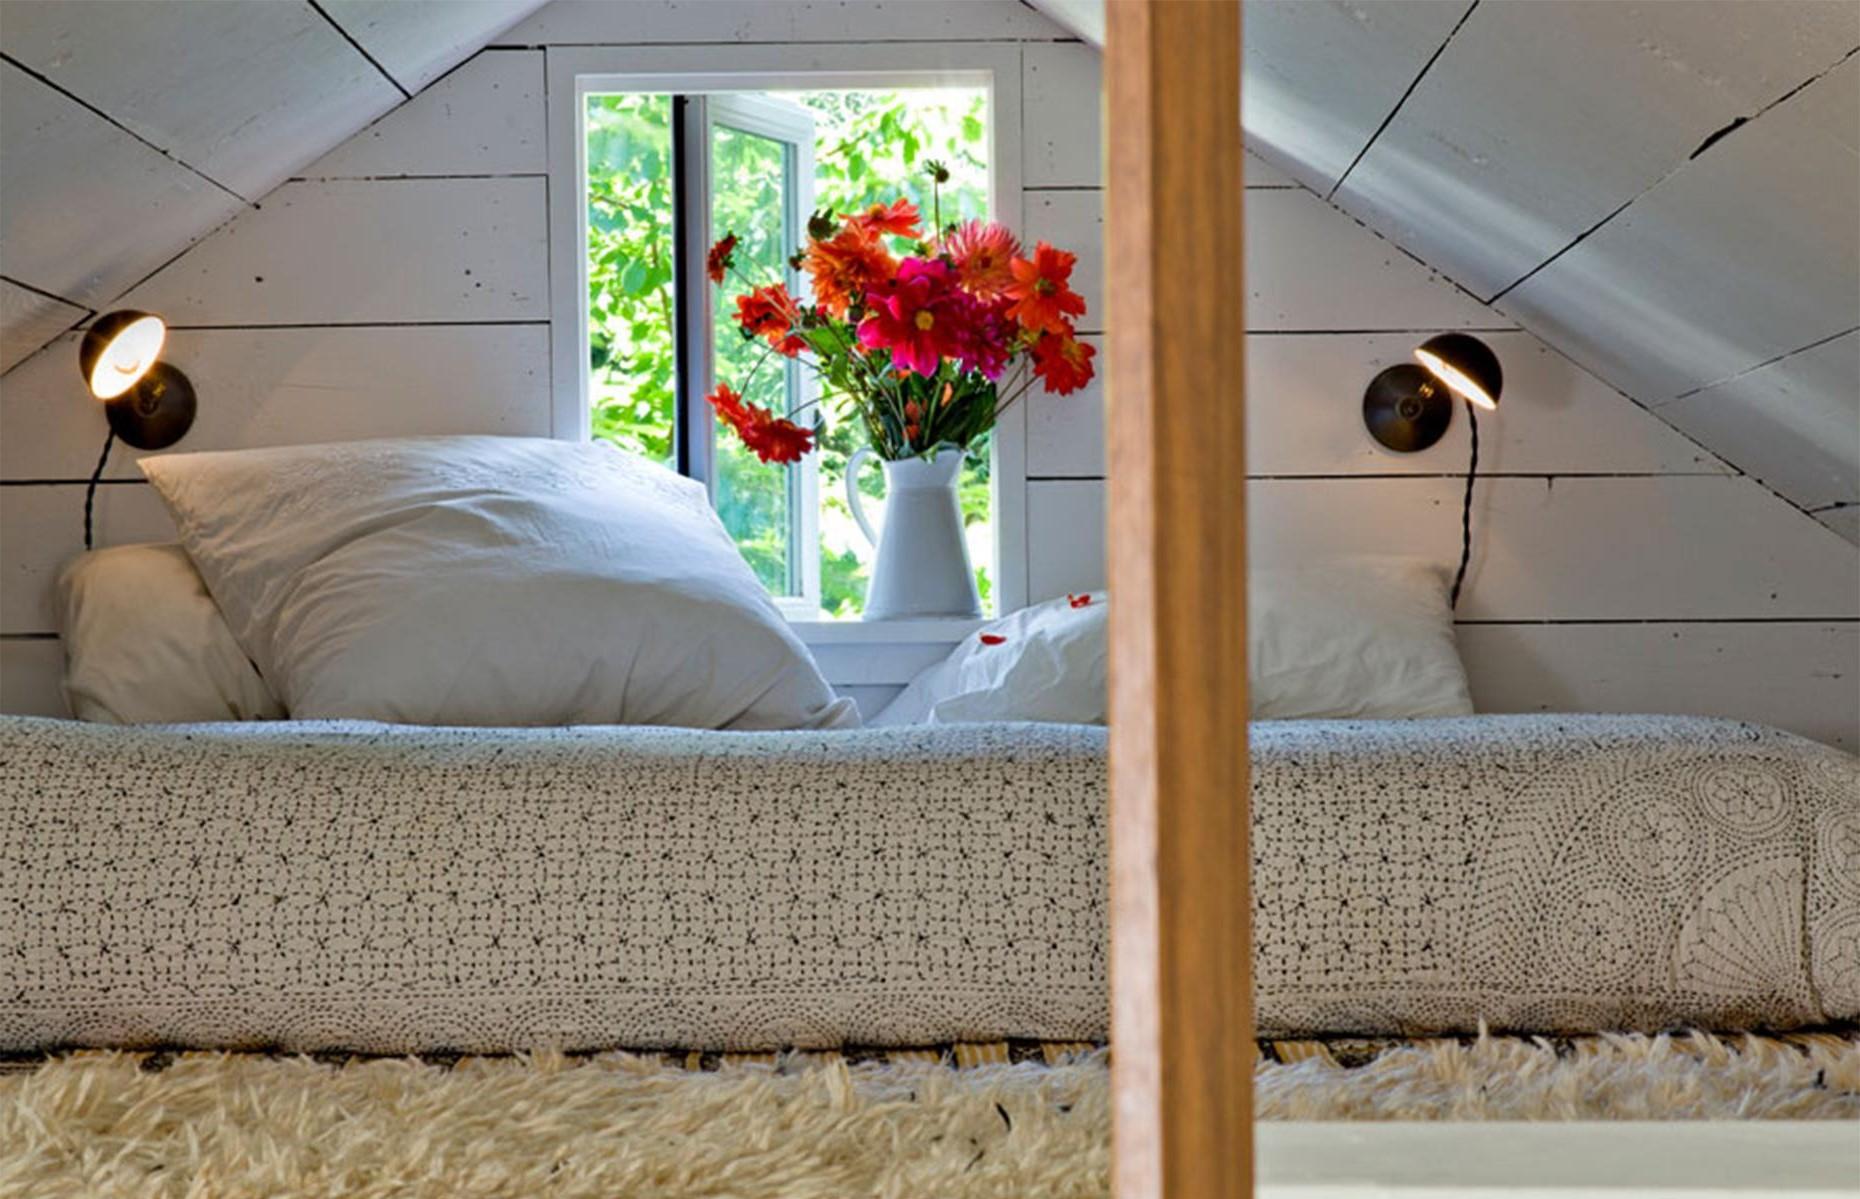 Aménagement sous combles: Certaines chambres mansardées sont si petites qu'il n'ya pas de place pour autre chose qu'un lit.